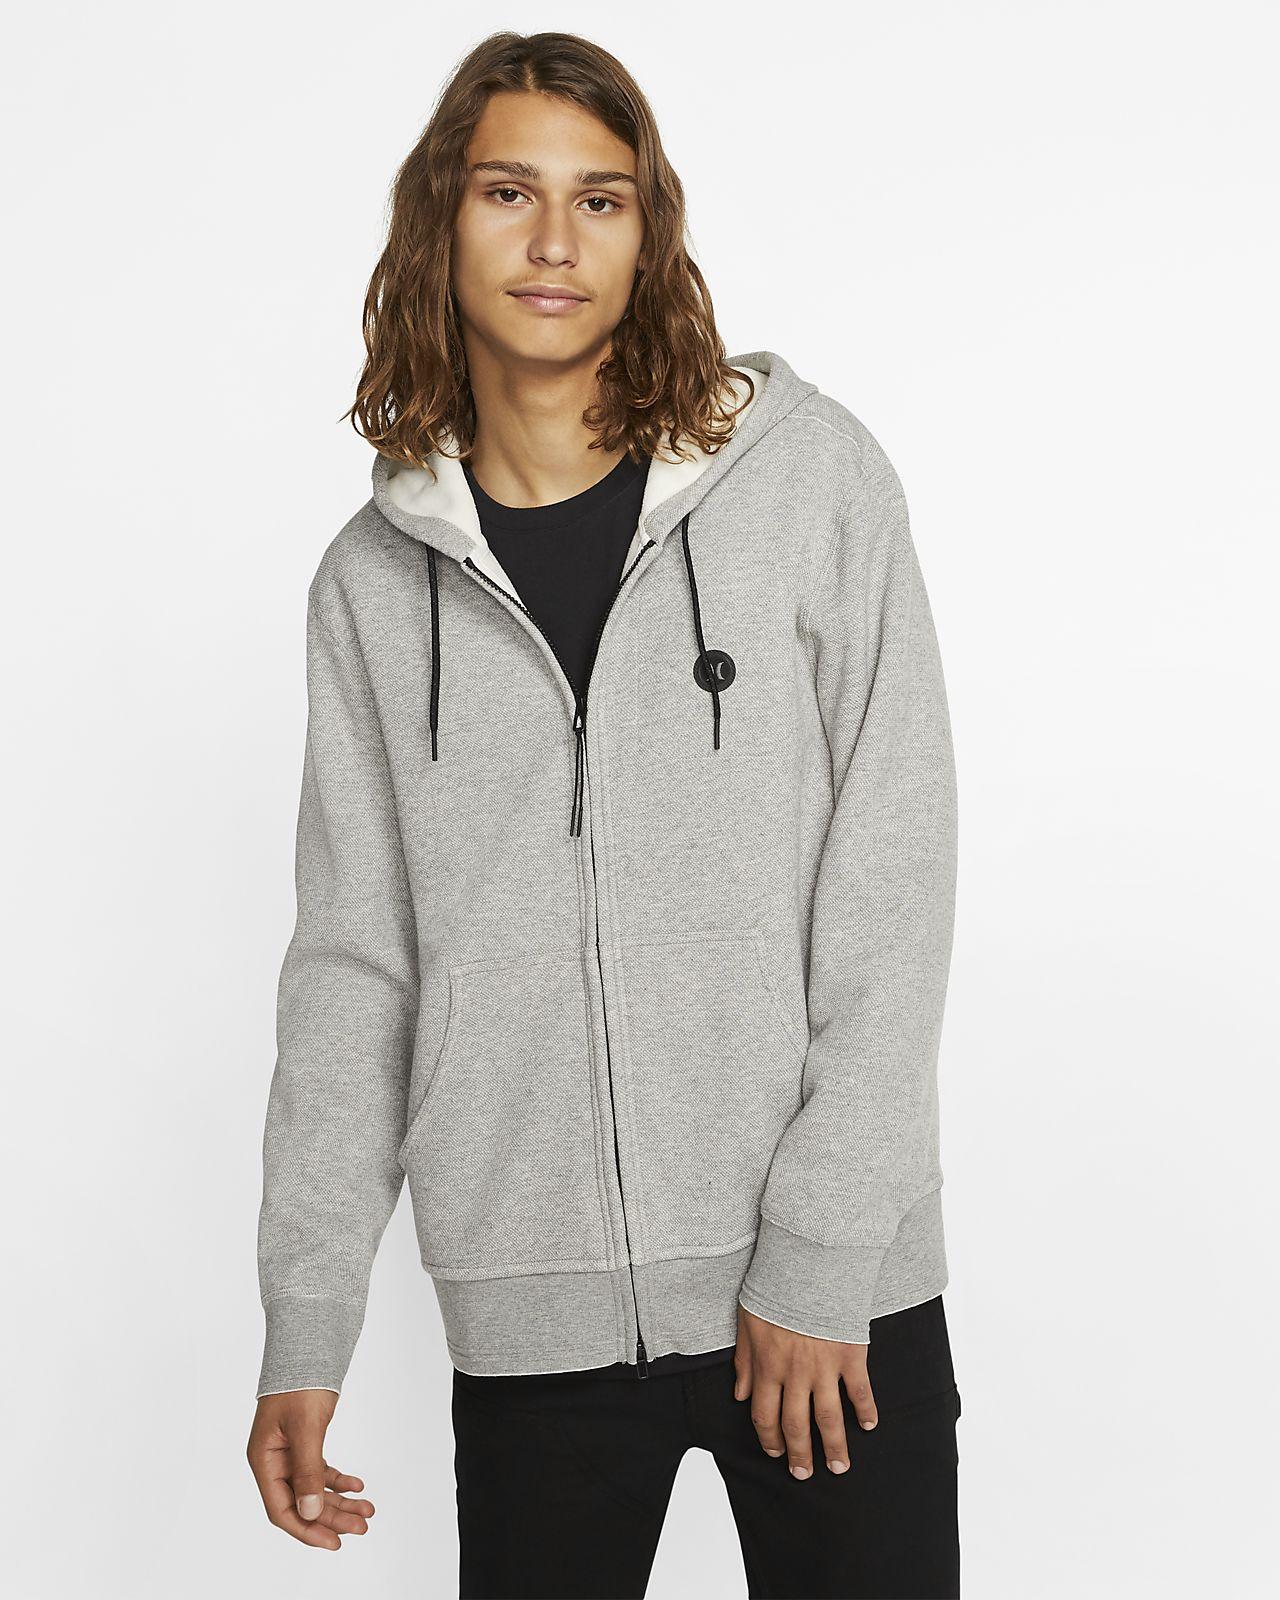 Felpa in fleece con cappuccio e zip a tutta lunghezza Hurley Therma Endure - Uomo